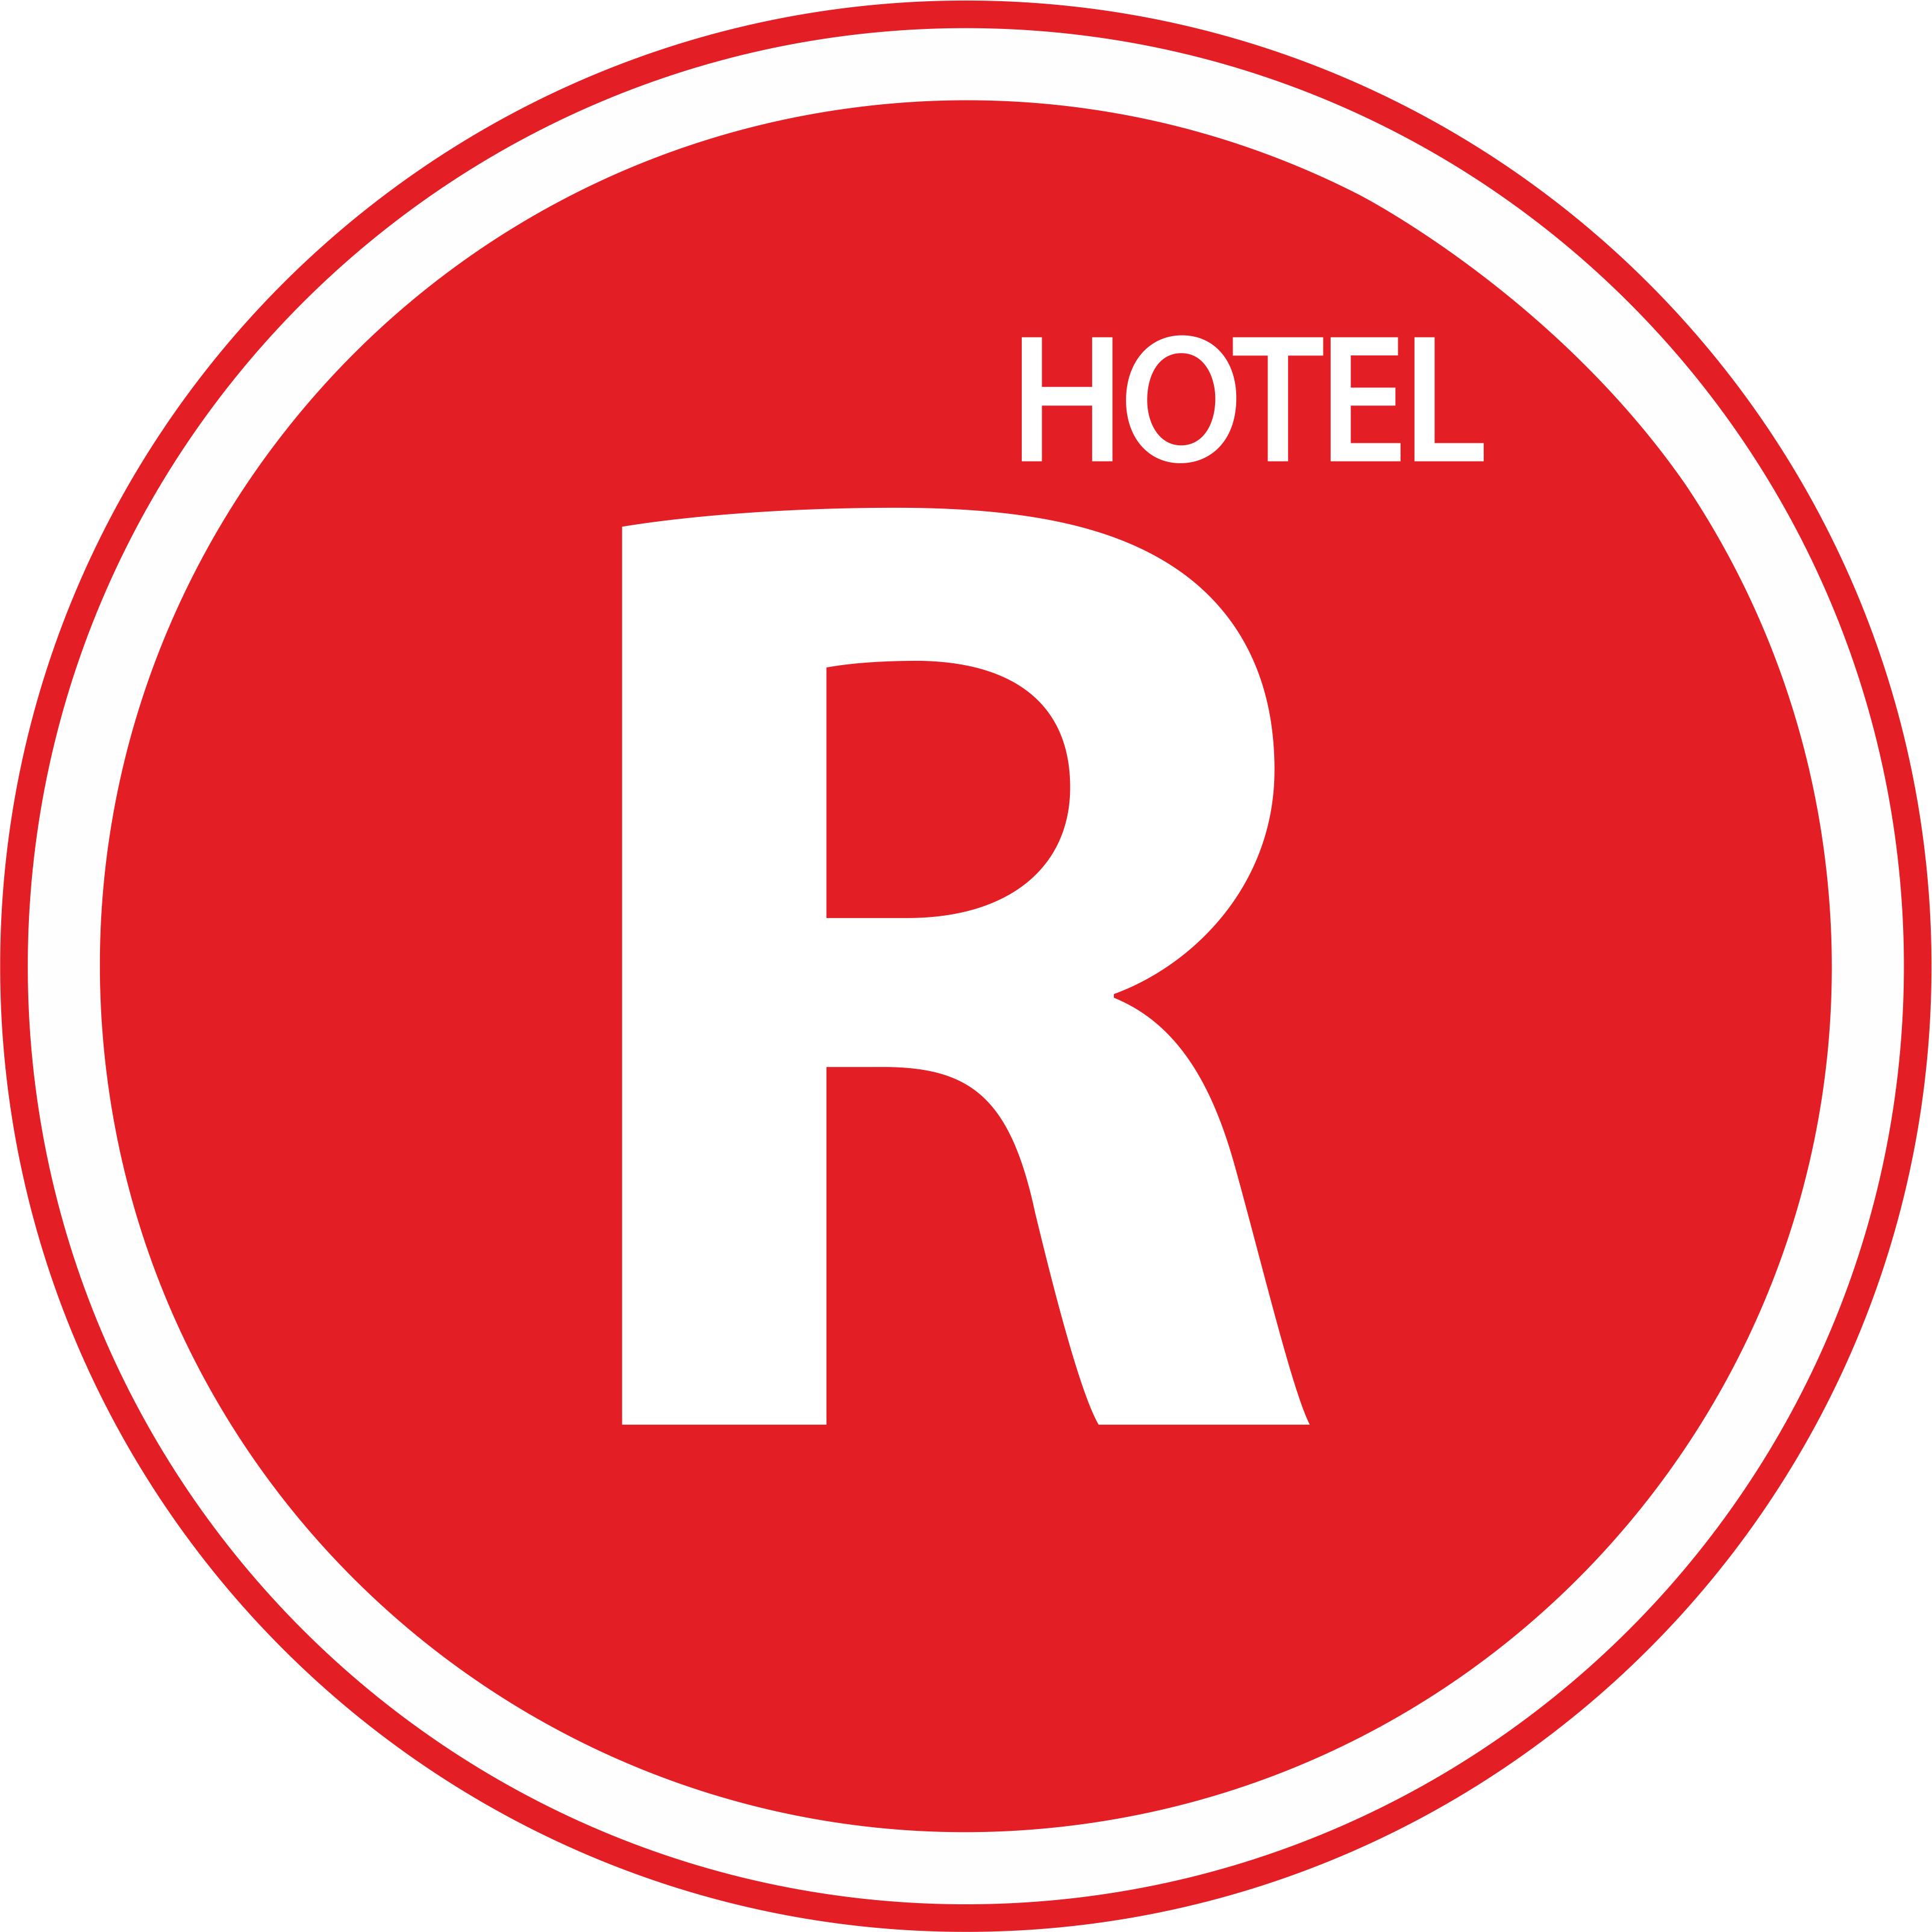 Regiohotel GmbH